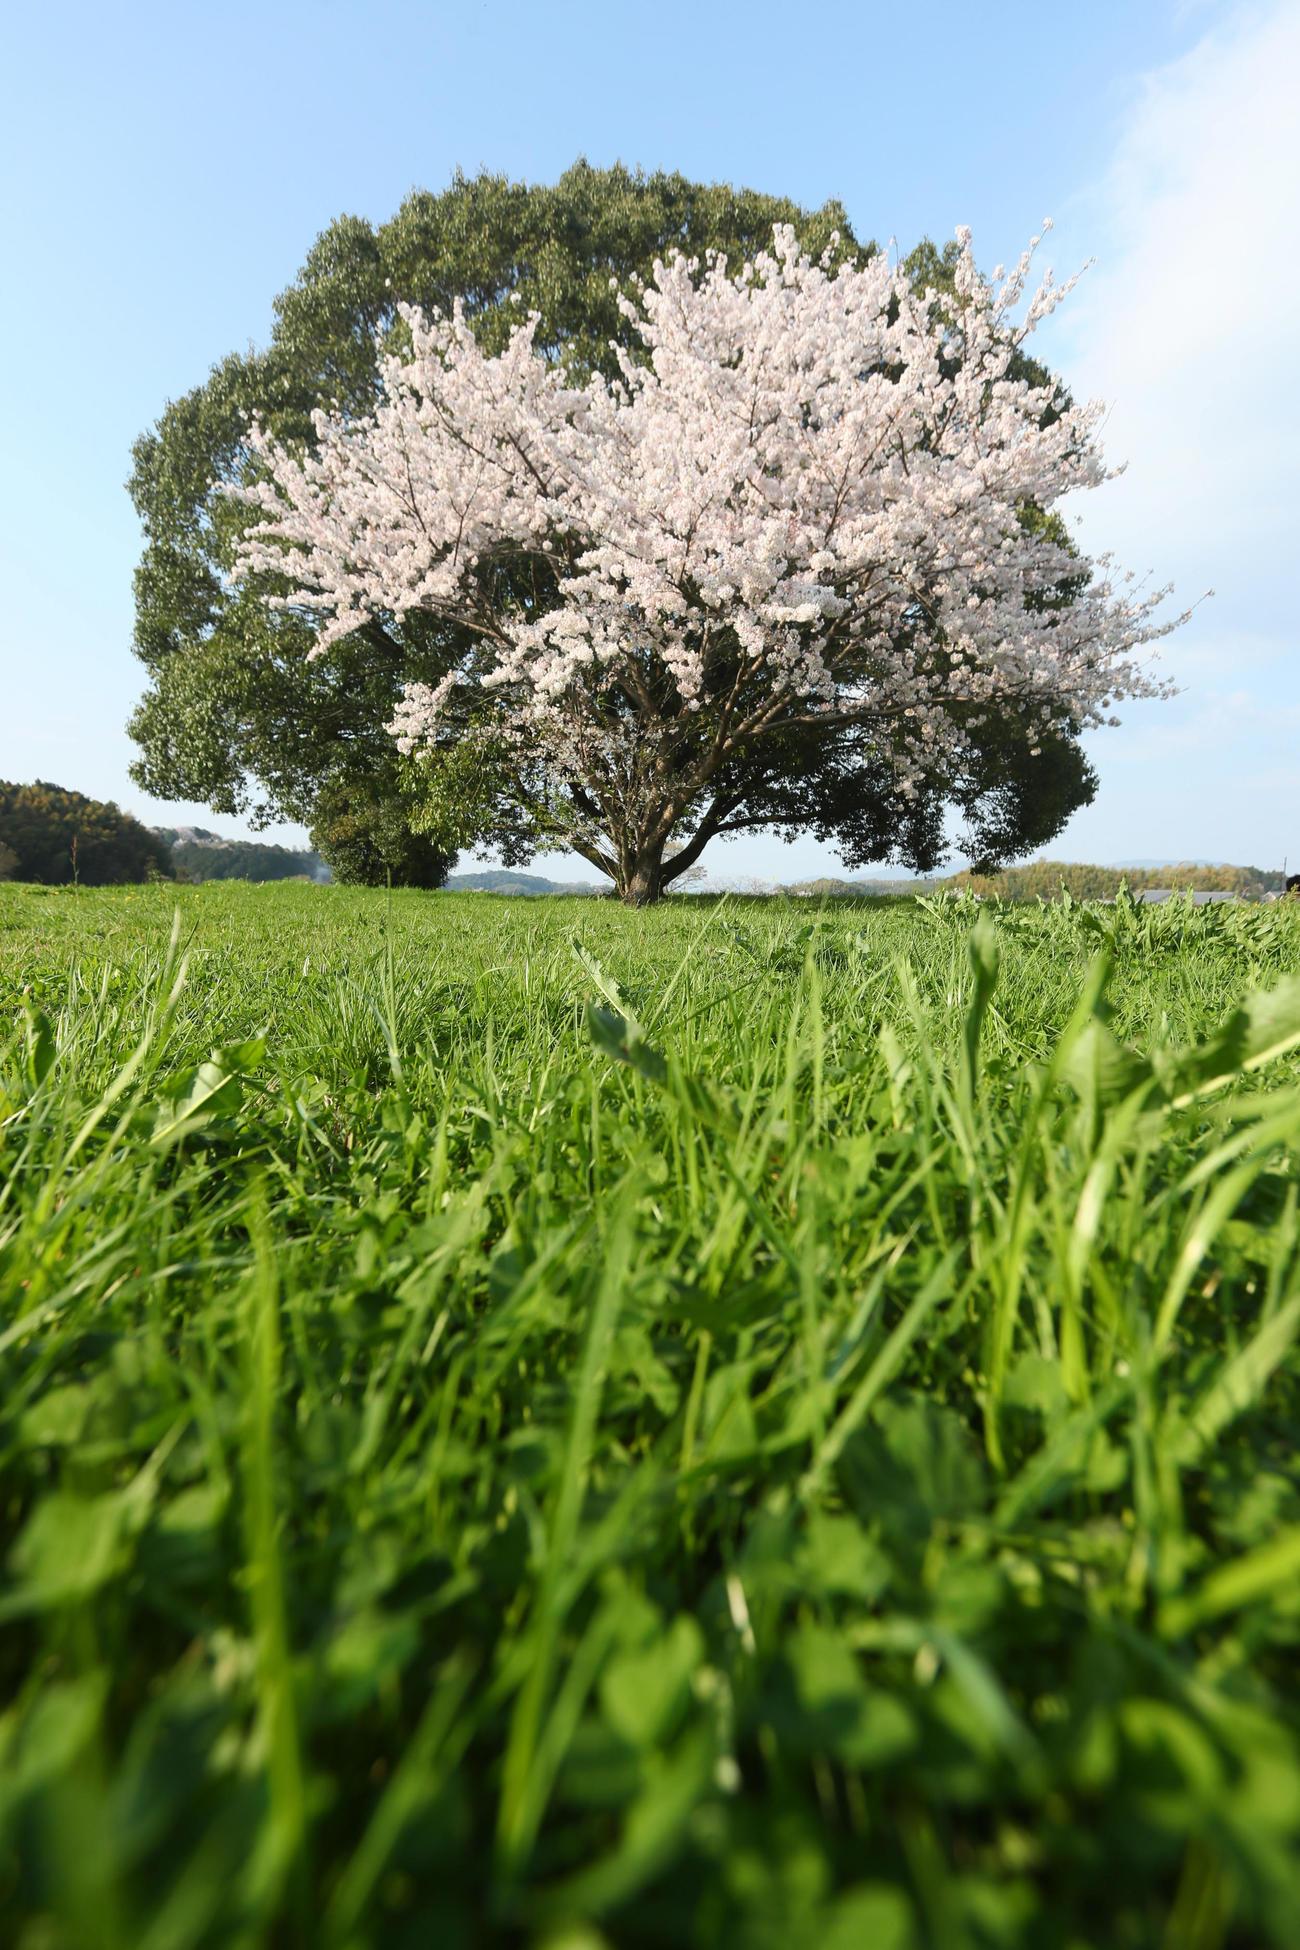 奈良県・明日香村の緑の木と寄り添うように咲く桜 (撮影・足立雅史)